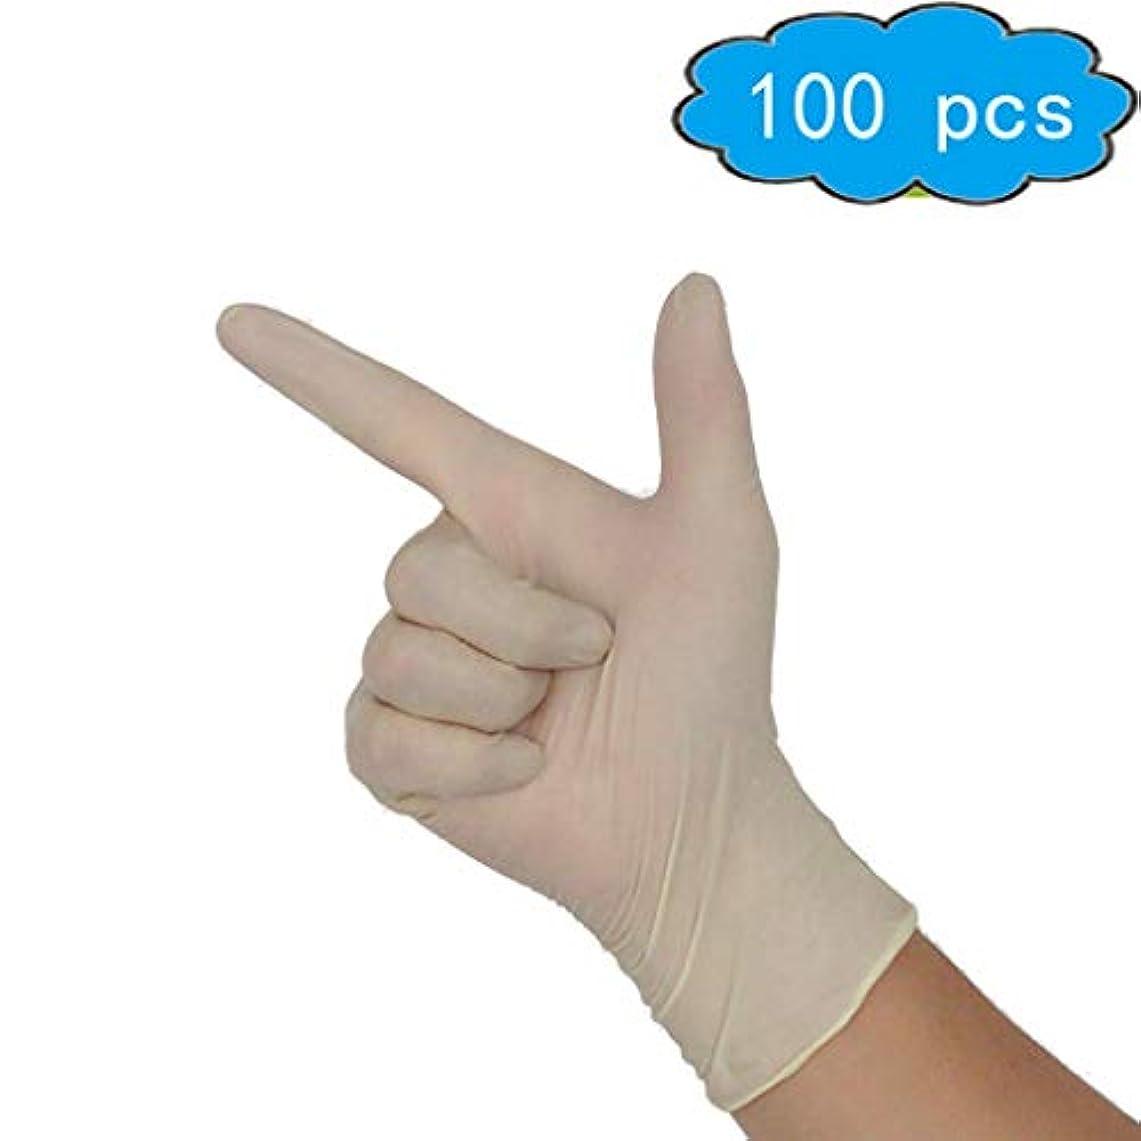 連結するアナニバー促す使い捨てラテックス手袋、100箱、パウダーフリー、両手利き、超快適 (Color : Beige, Size : M)